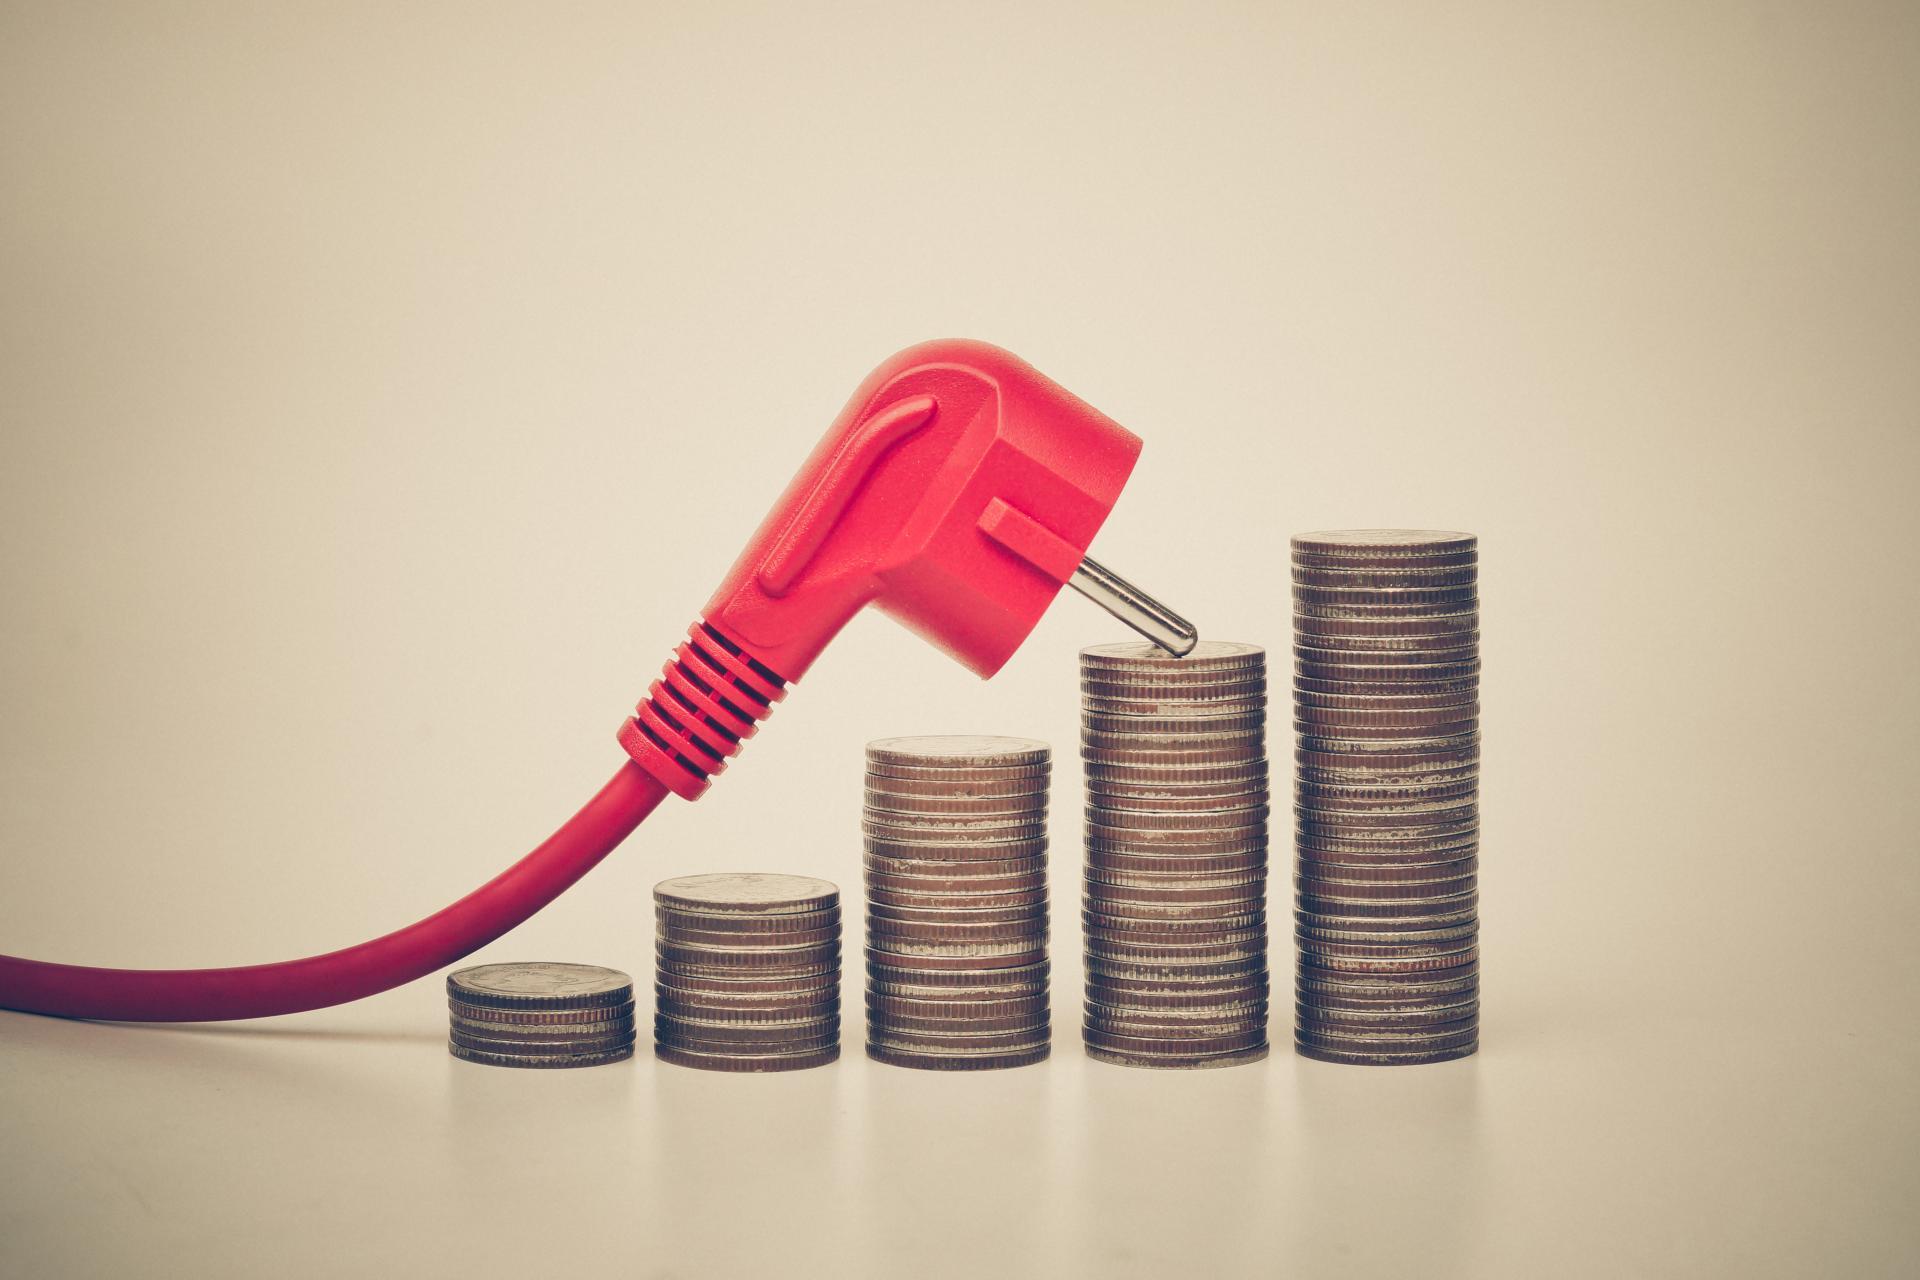 Steigende Strompreise, ein schwerer Strom-Schlag für die Elektromobilität